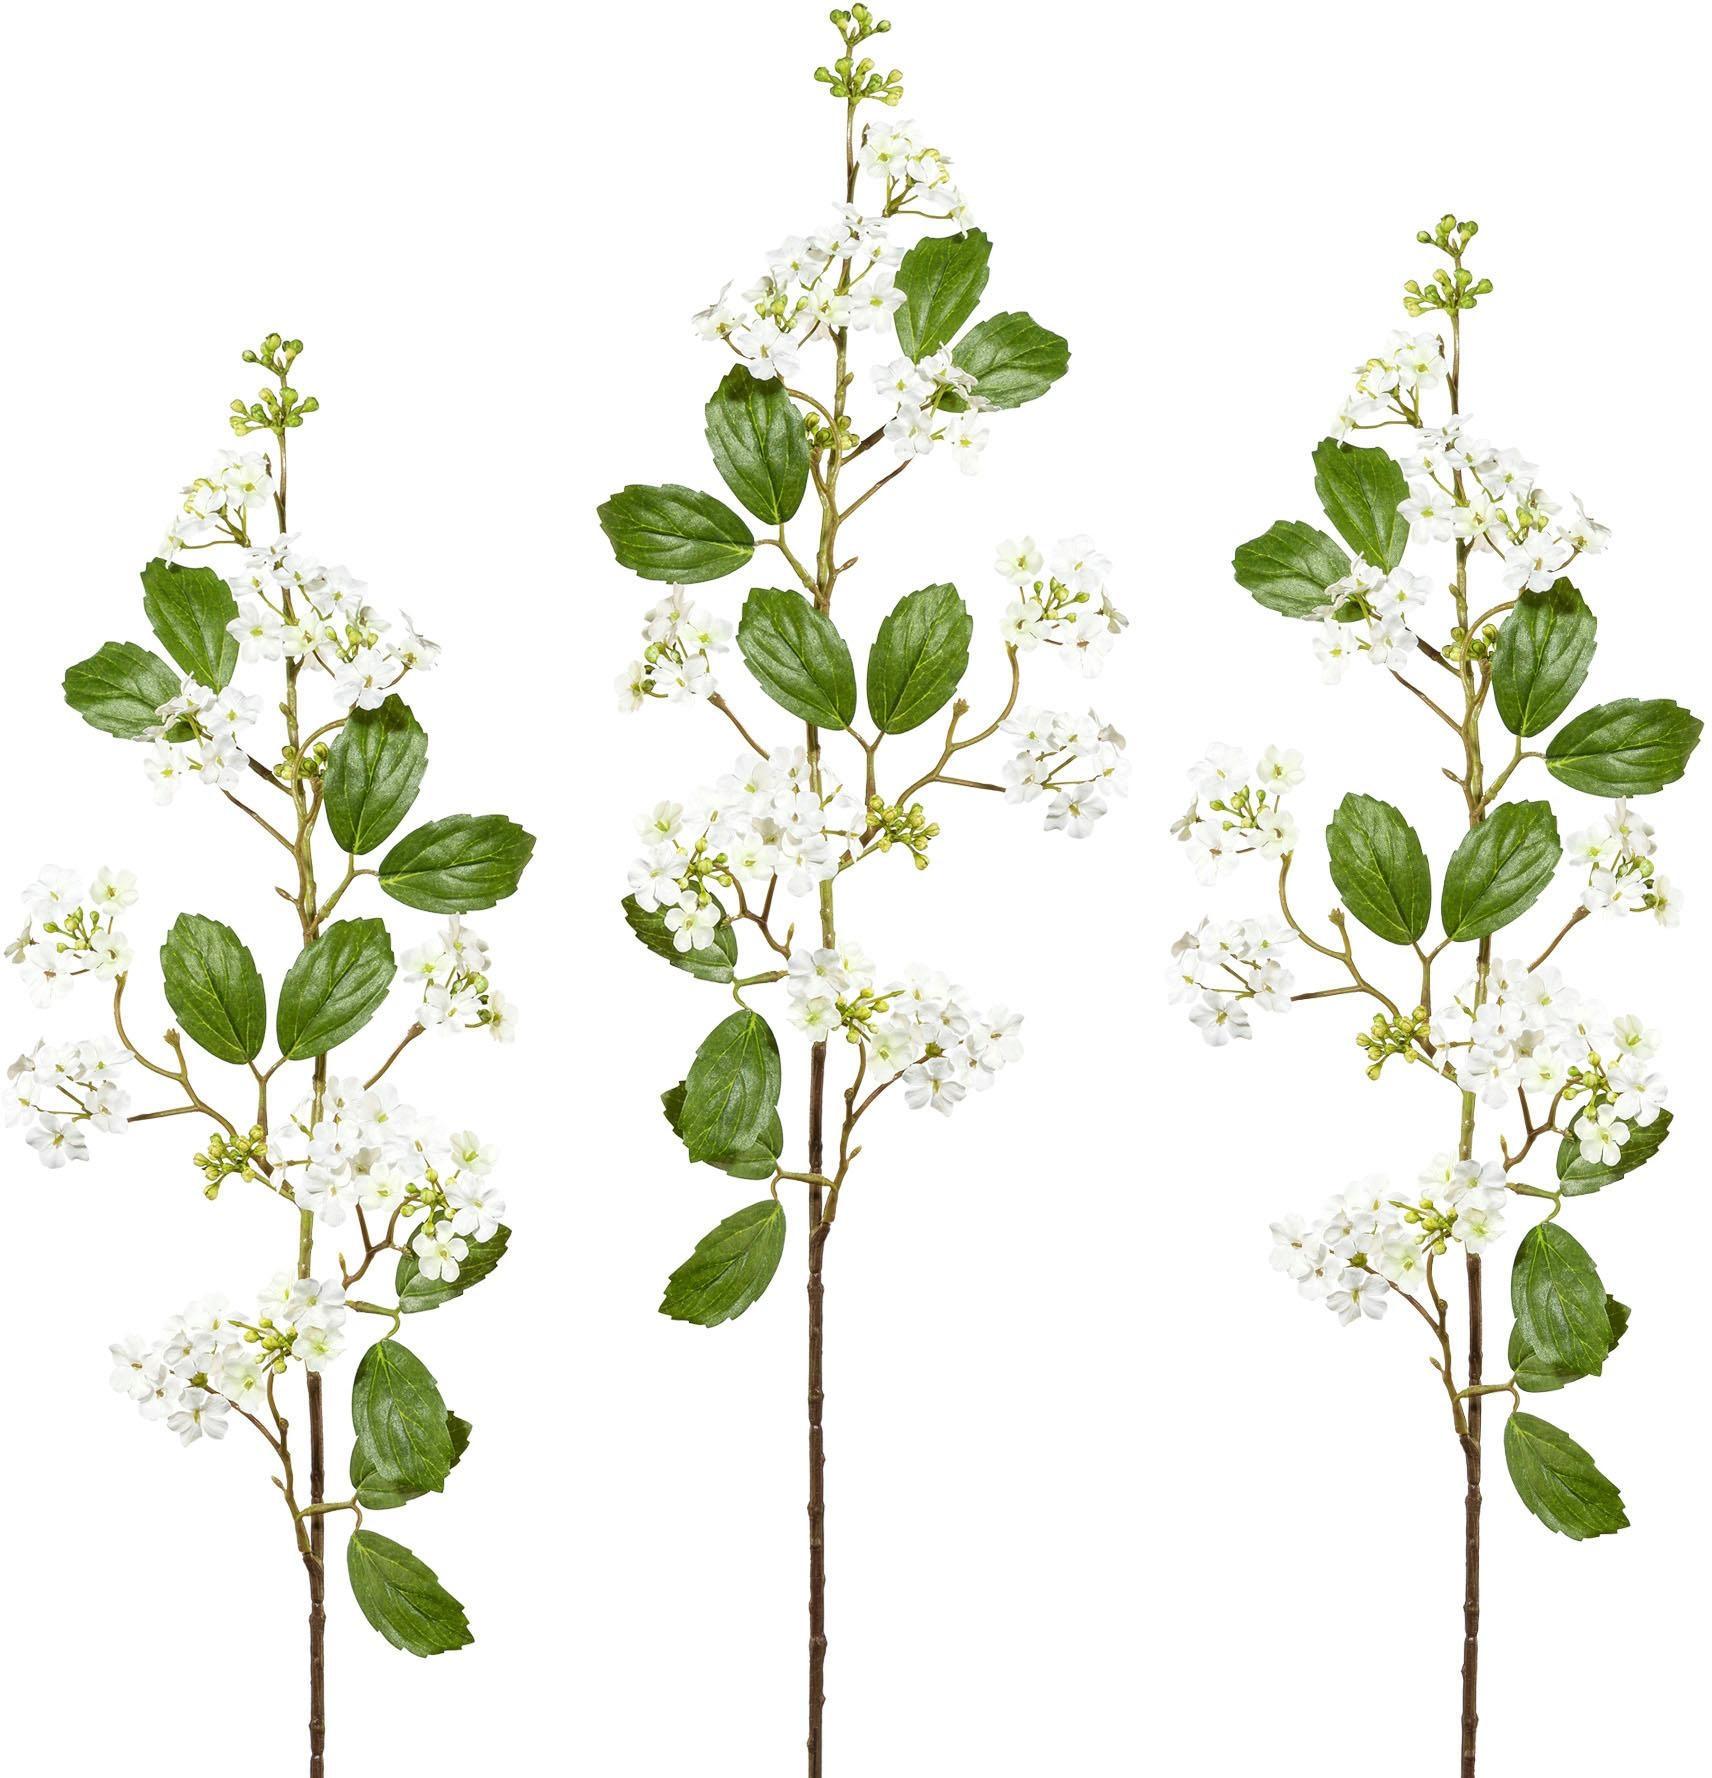 Kunstblume Wohnen/Accessoires & Leuchten/Wohnaccessoires/Kunstpflanzen/Kunstblumen